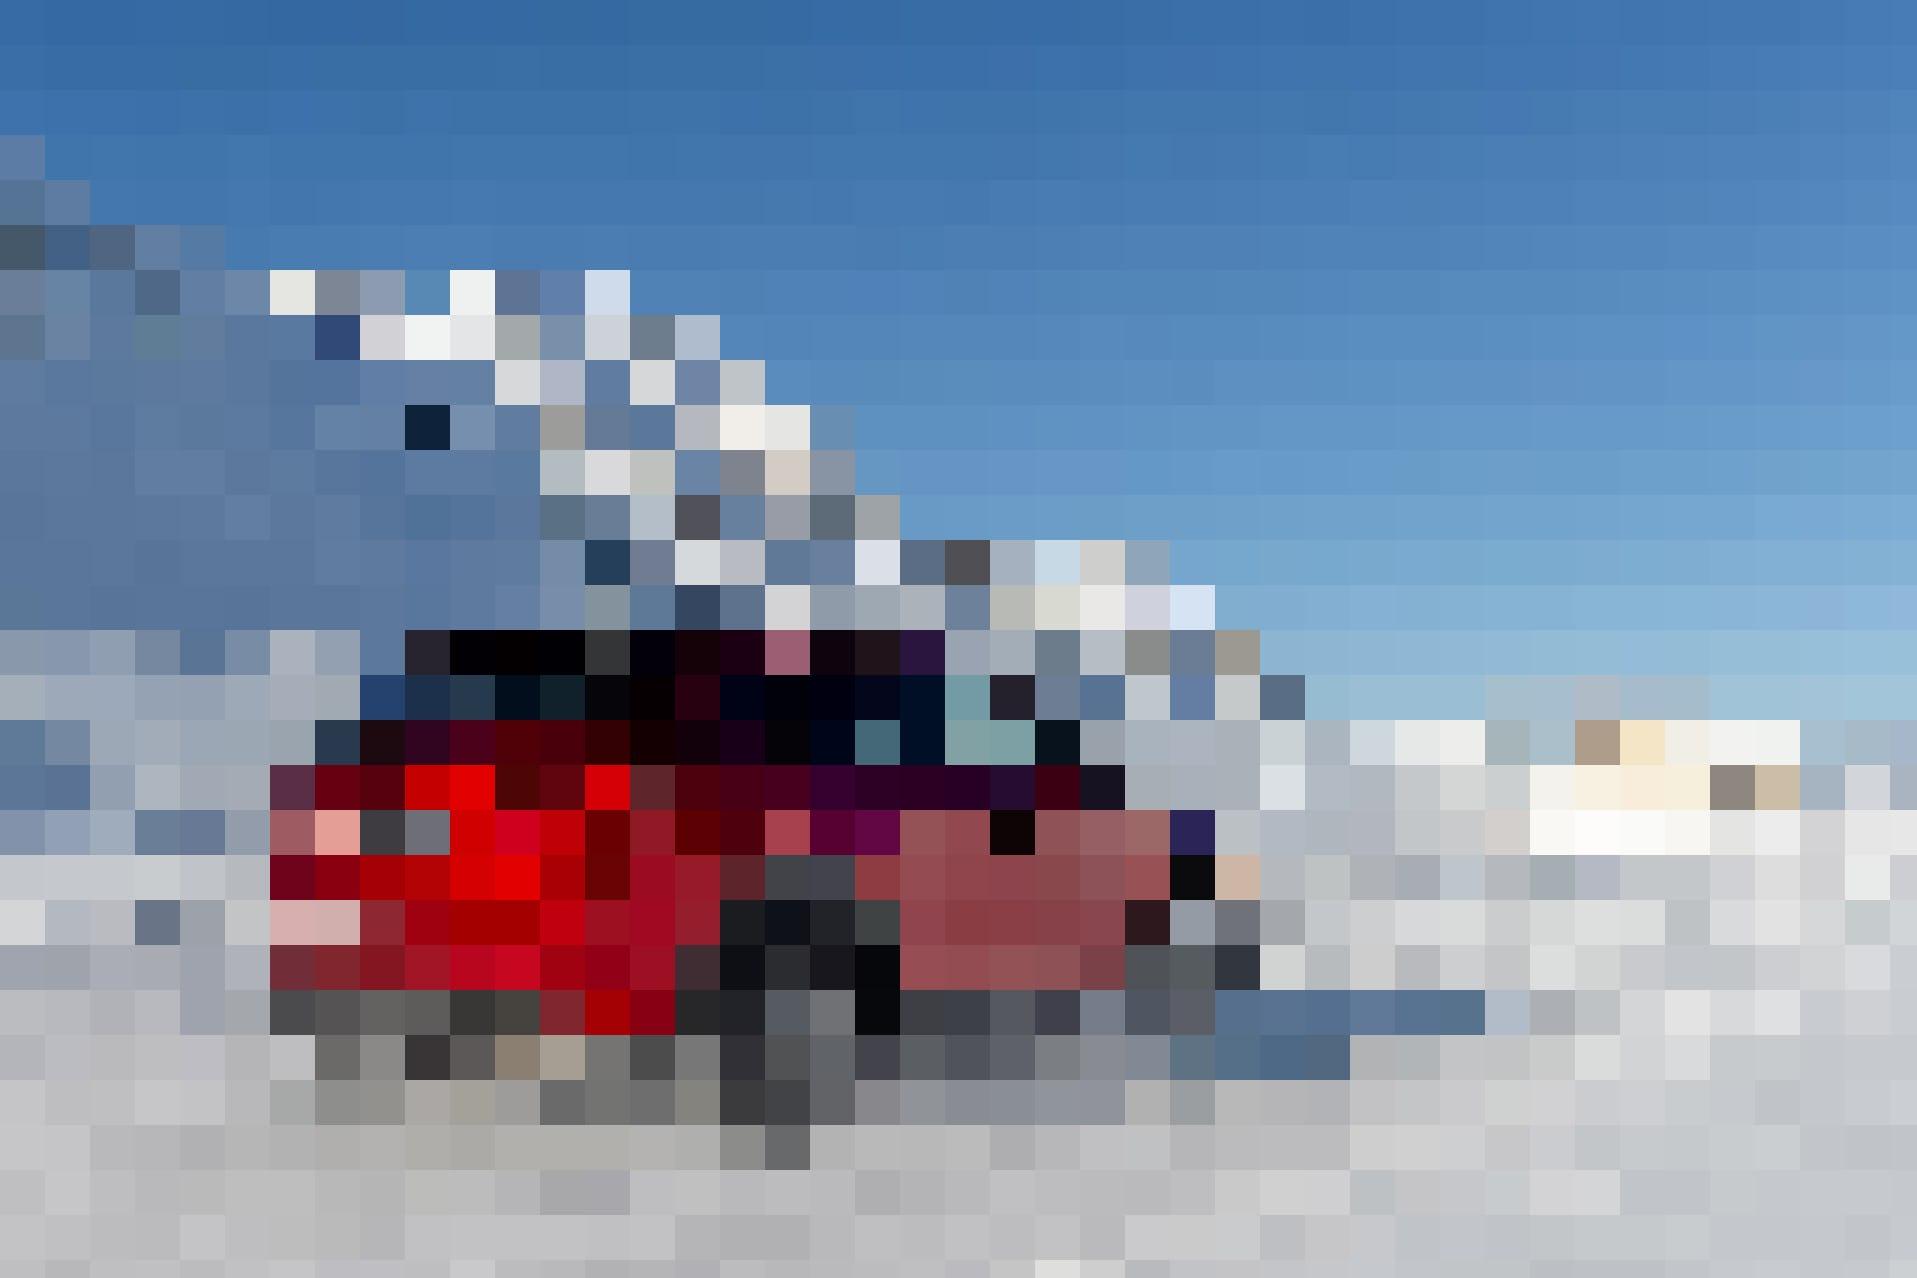 Die Reise zur Spitze des mythischen Passes verläuft am Steuer des Mazda CX-5 4x4 reibungslos.